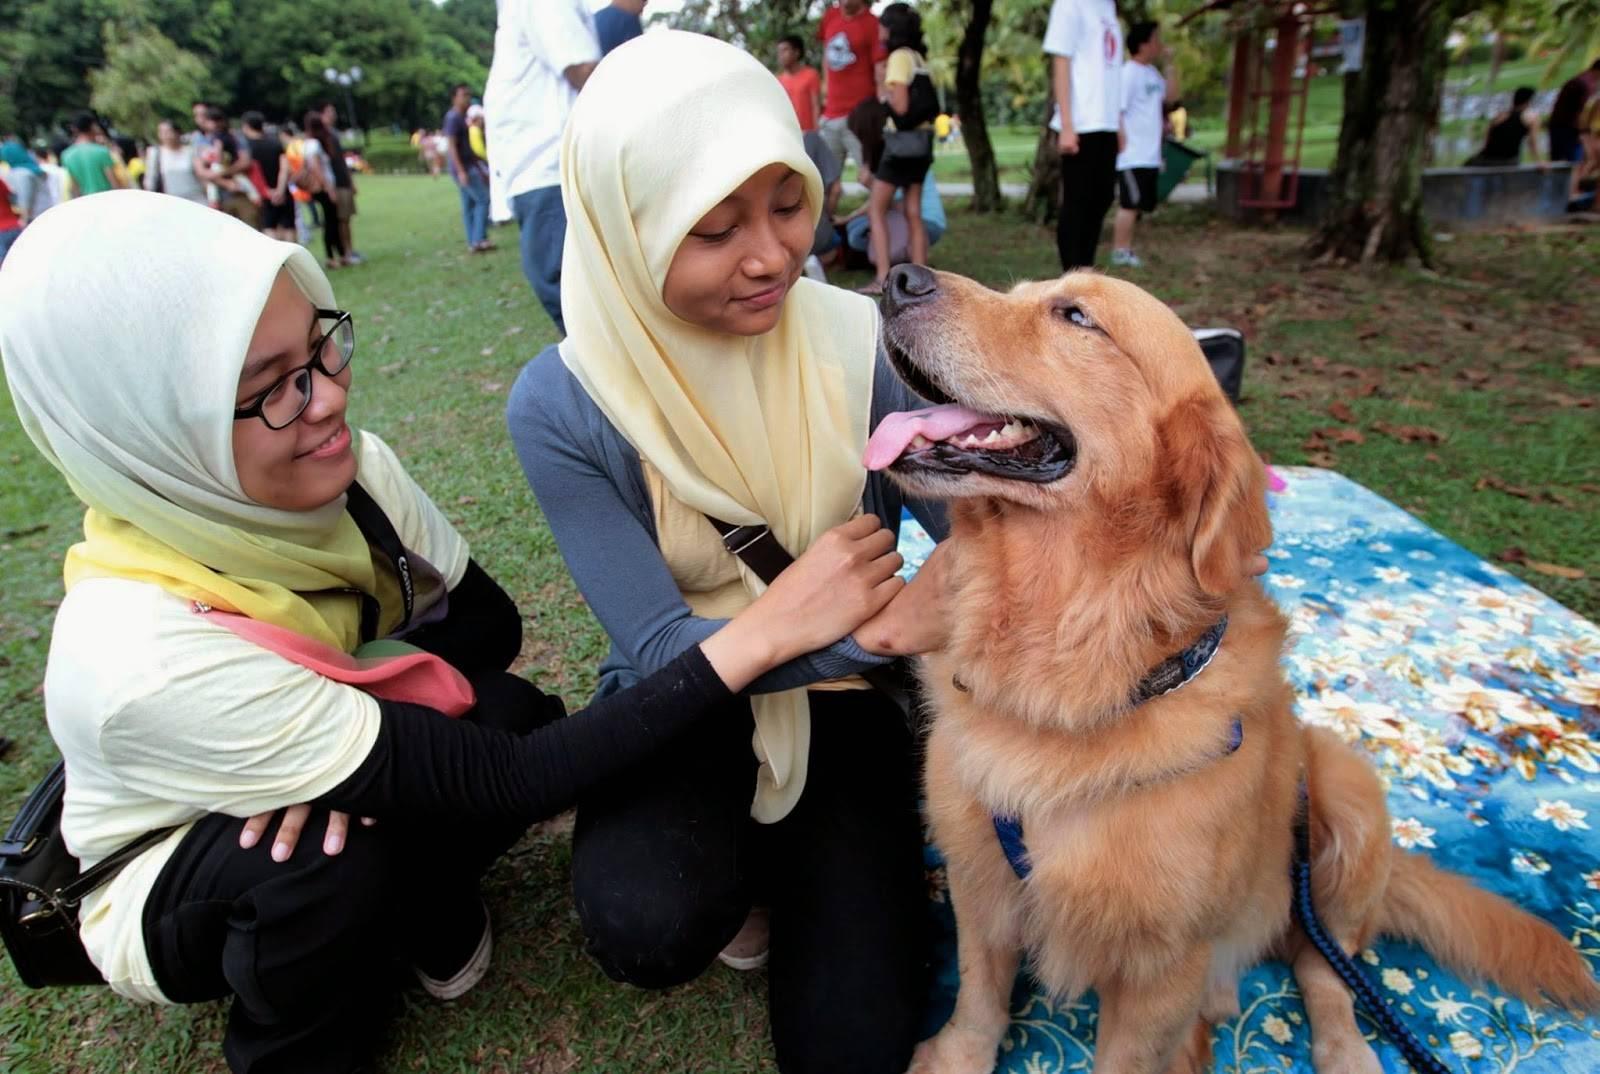 Друг человека в исламе: почему мусульманам нельзя держать собаку в доме